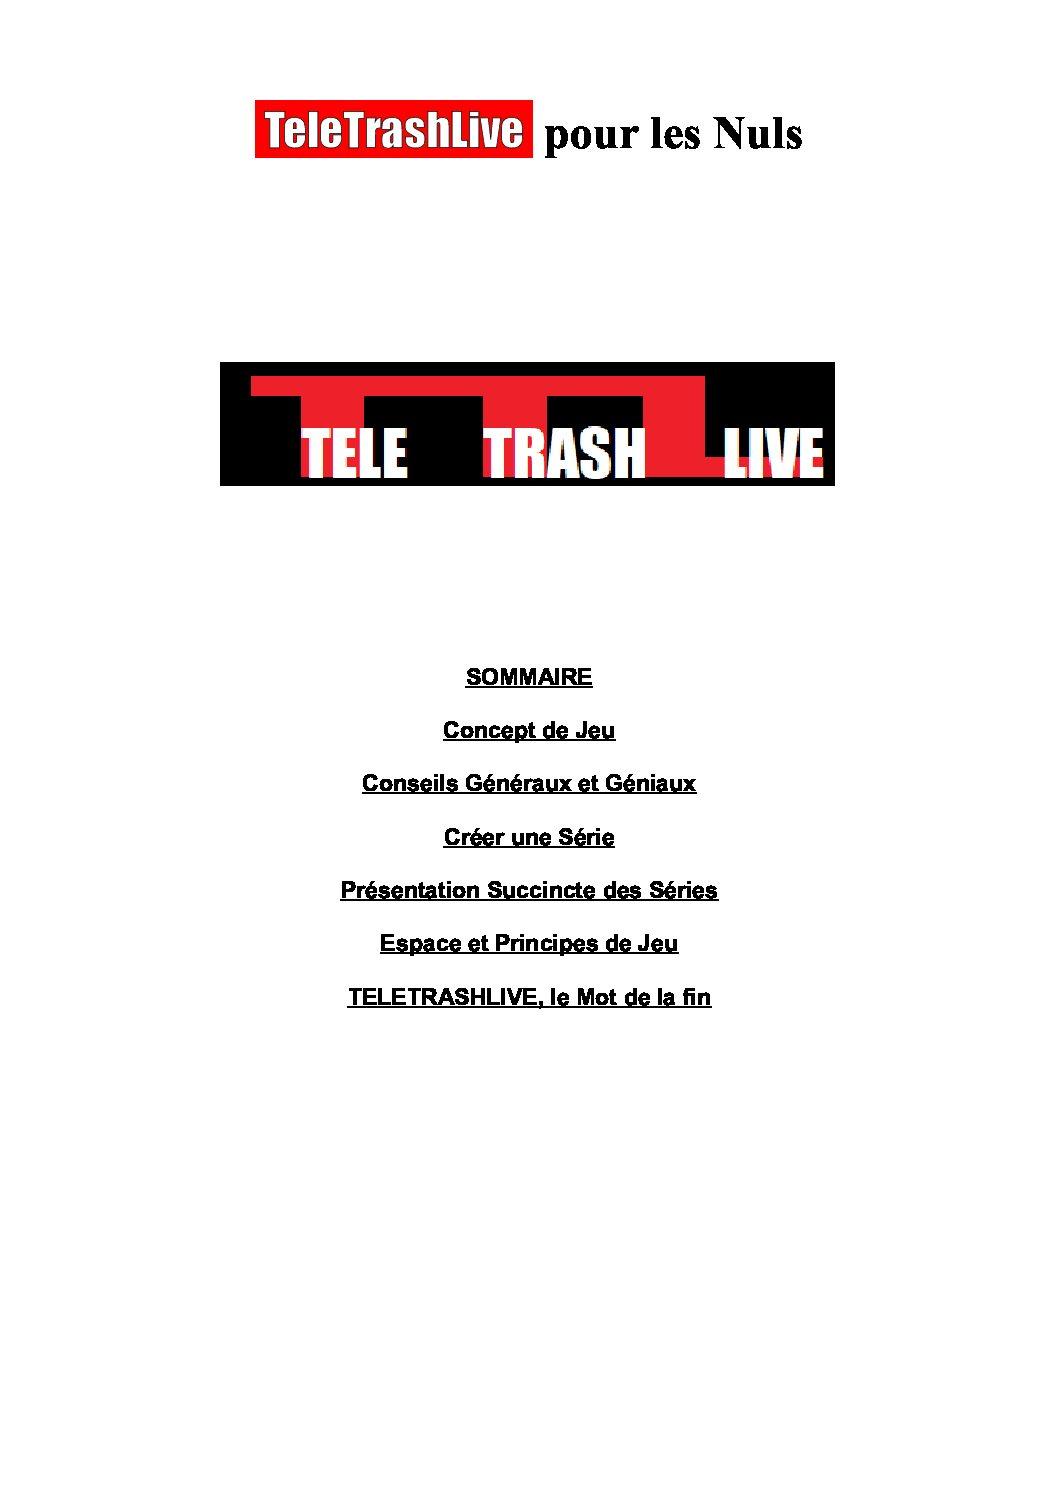 Jeu de rôle court : TeleTrashLive par Seb le Noir